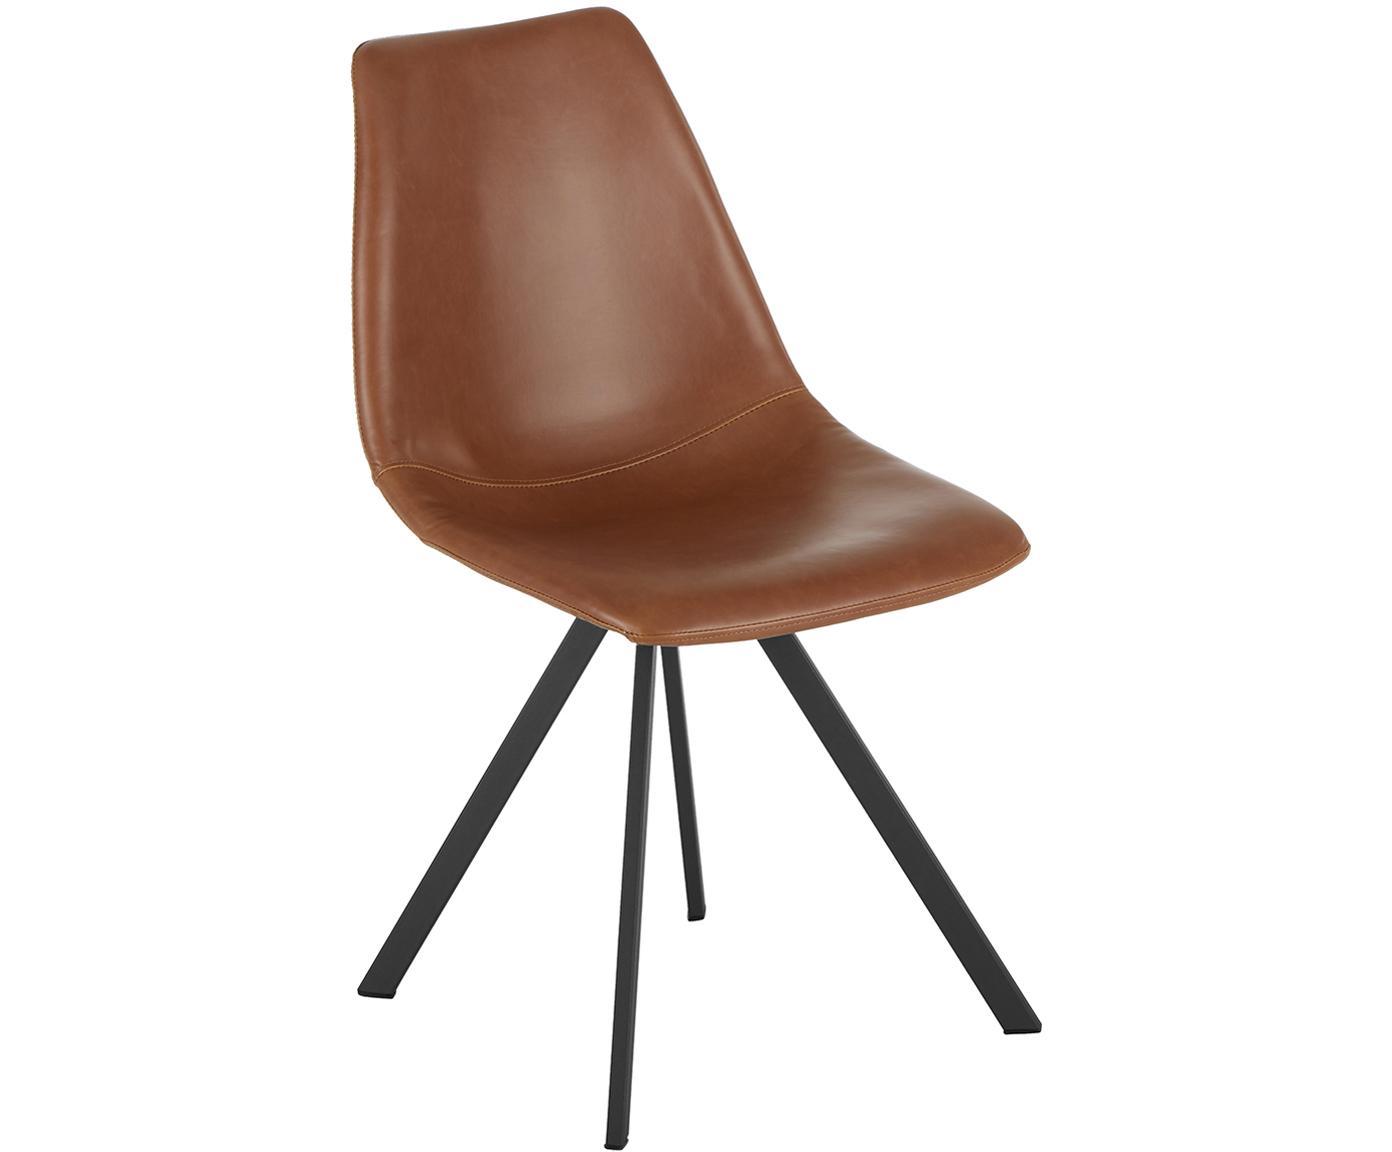 Krzesło tapicerowane ze sztucznej skóry Billy, 2 szt., Tapicerka: sztuczna skóra (poliureta, Nogi: metal malowany proszkowo, Koniakowy, S 46 x G 58 cm